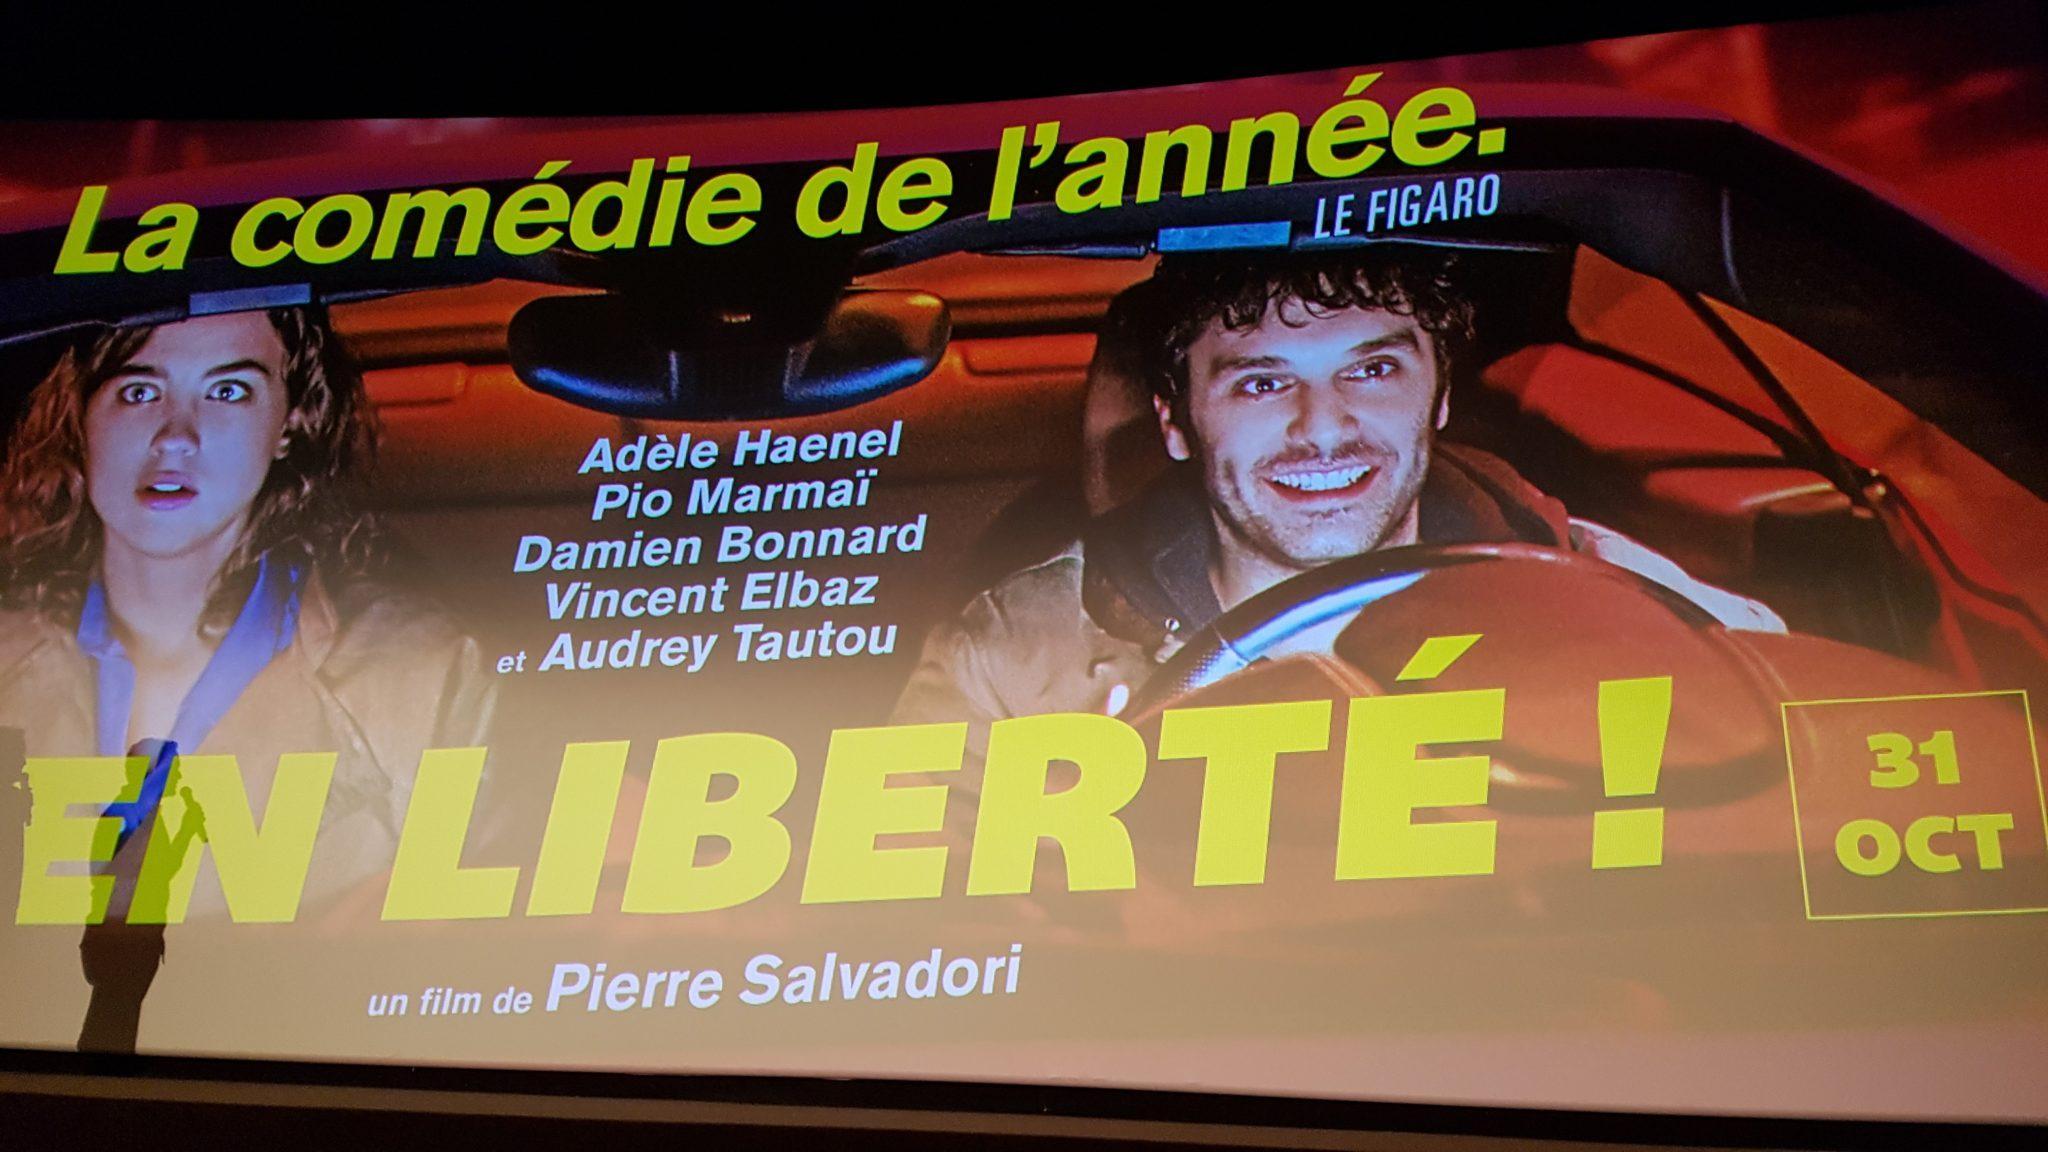 Showeb Cinéma : 20 films français à voir en 2018/2019 1 image